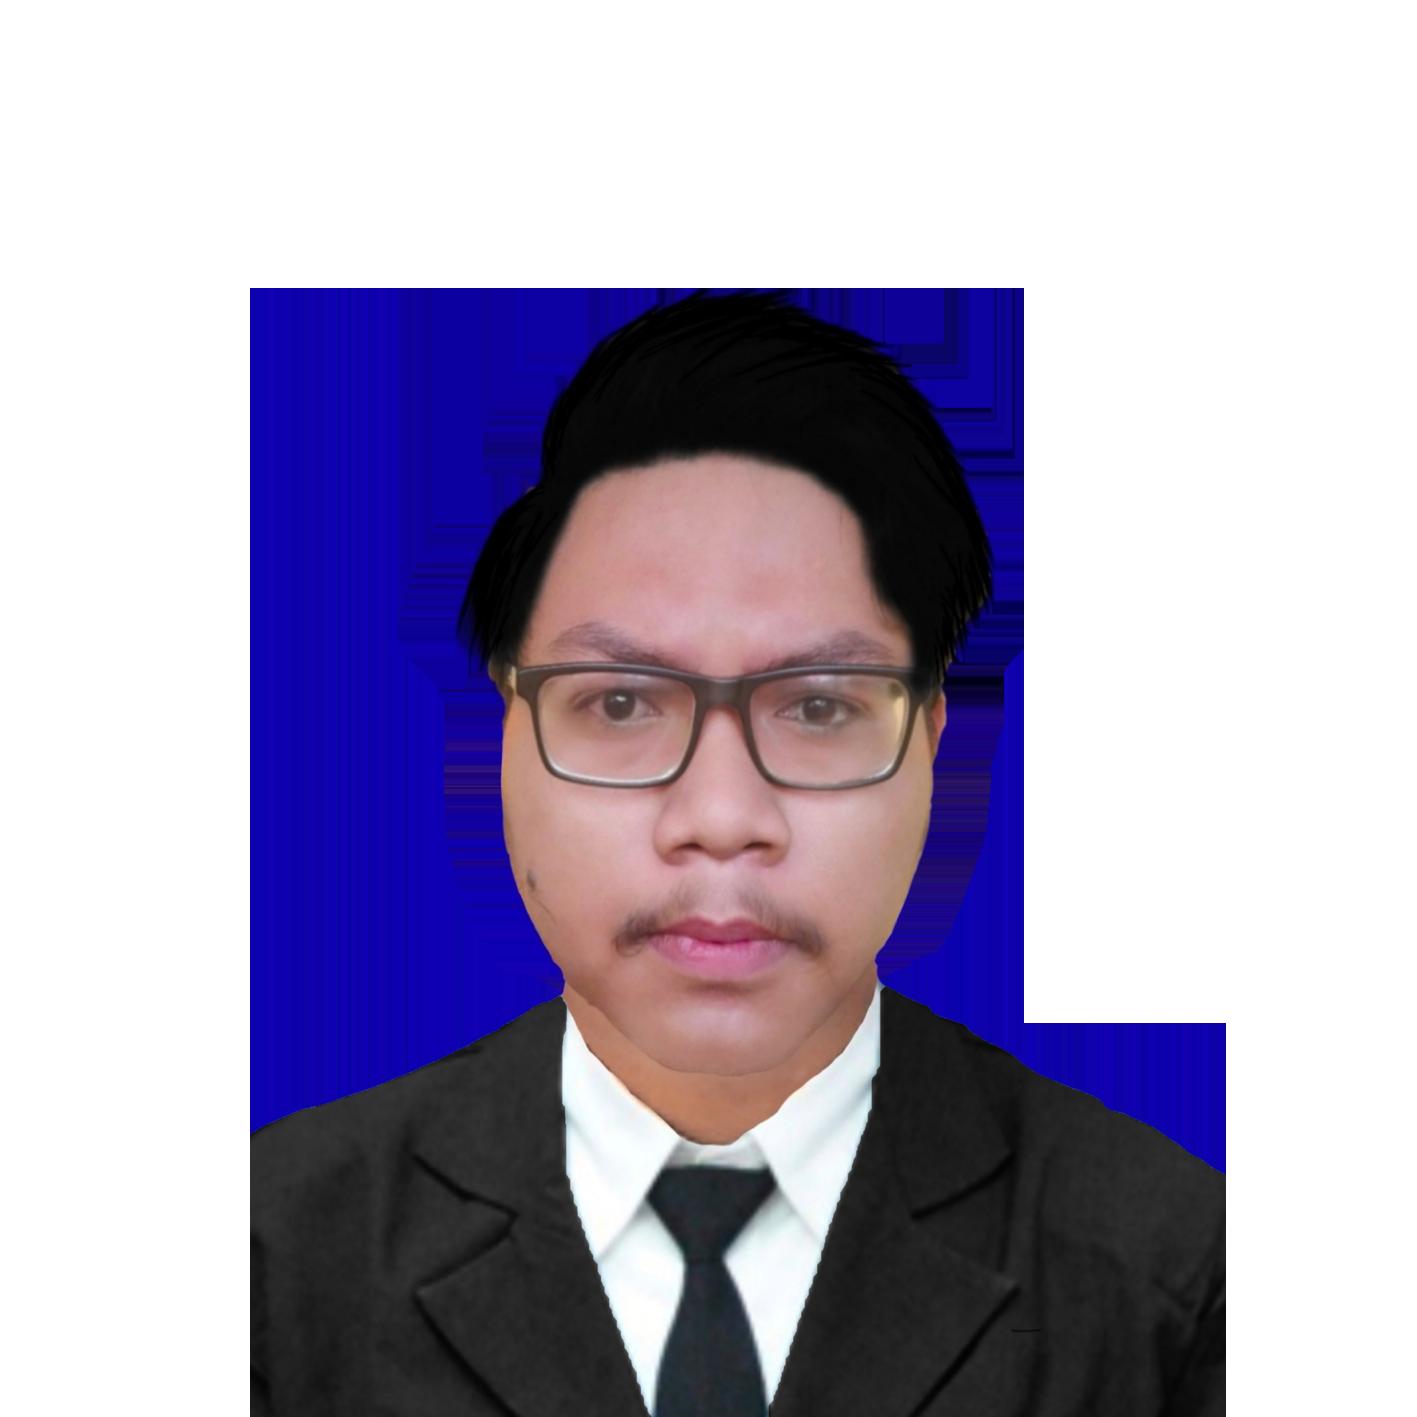 Abimas Setyawan Gultom